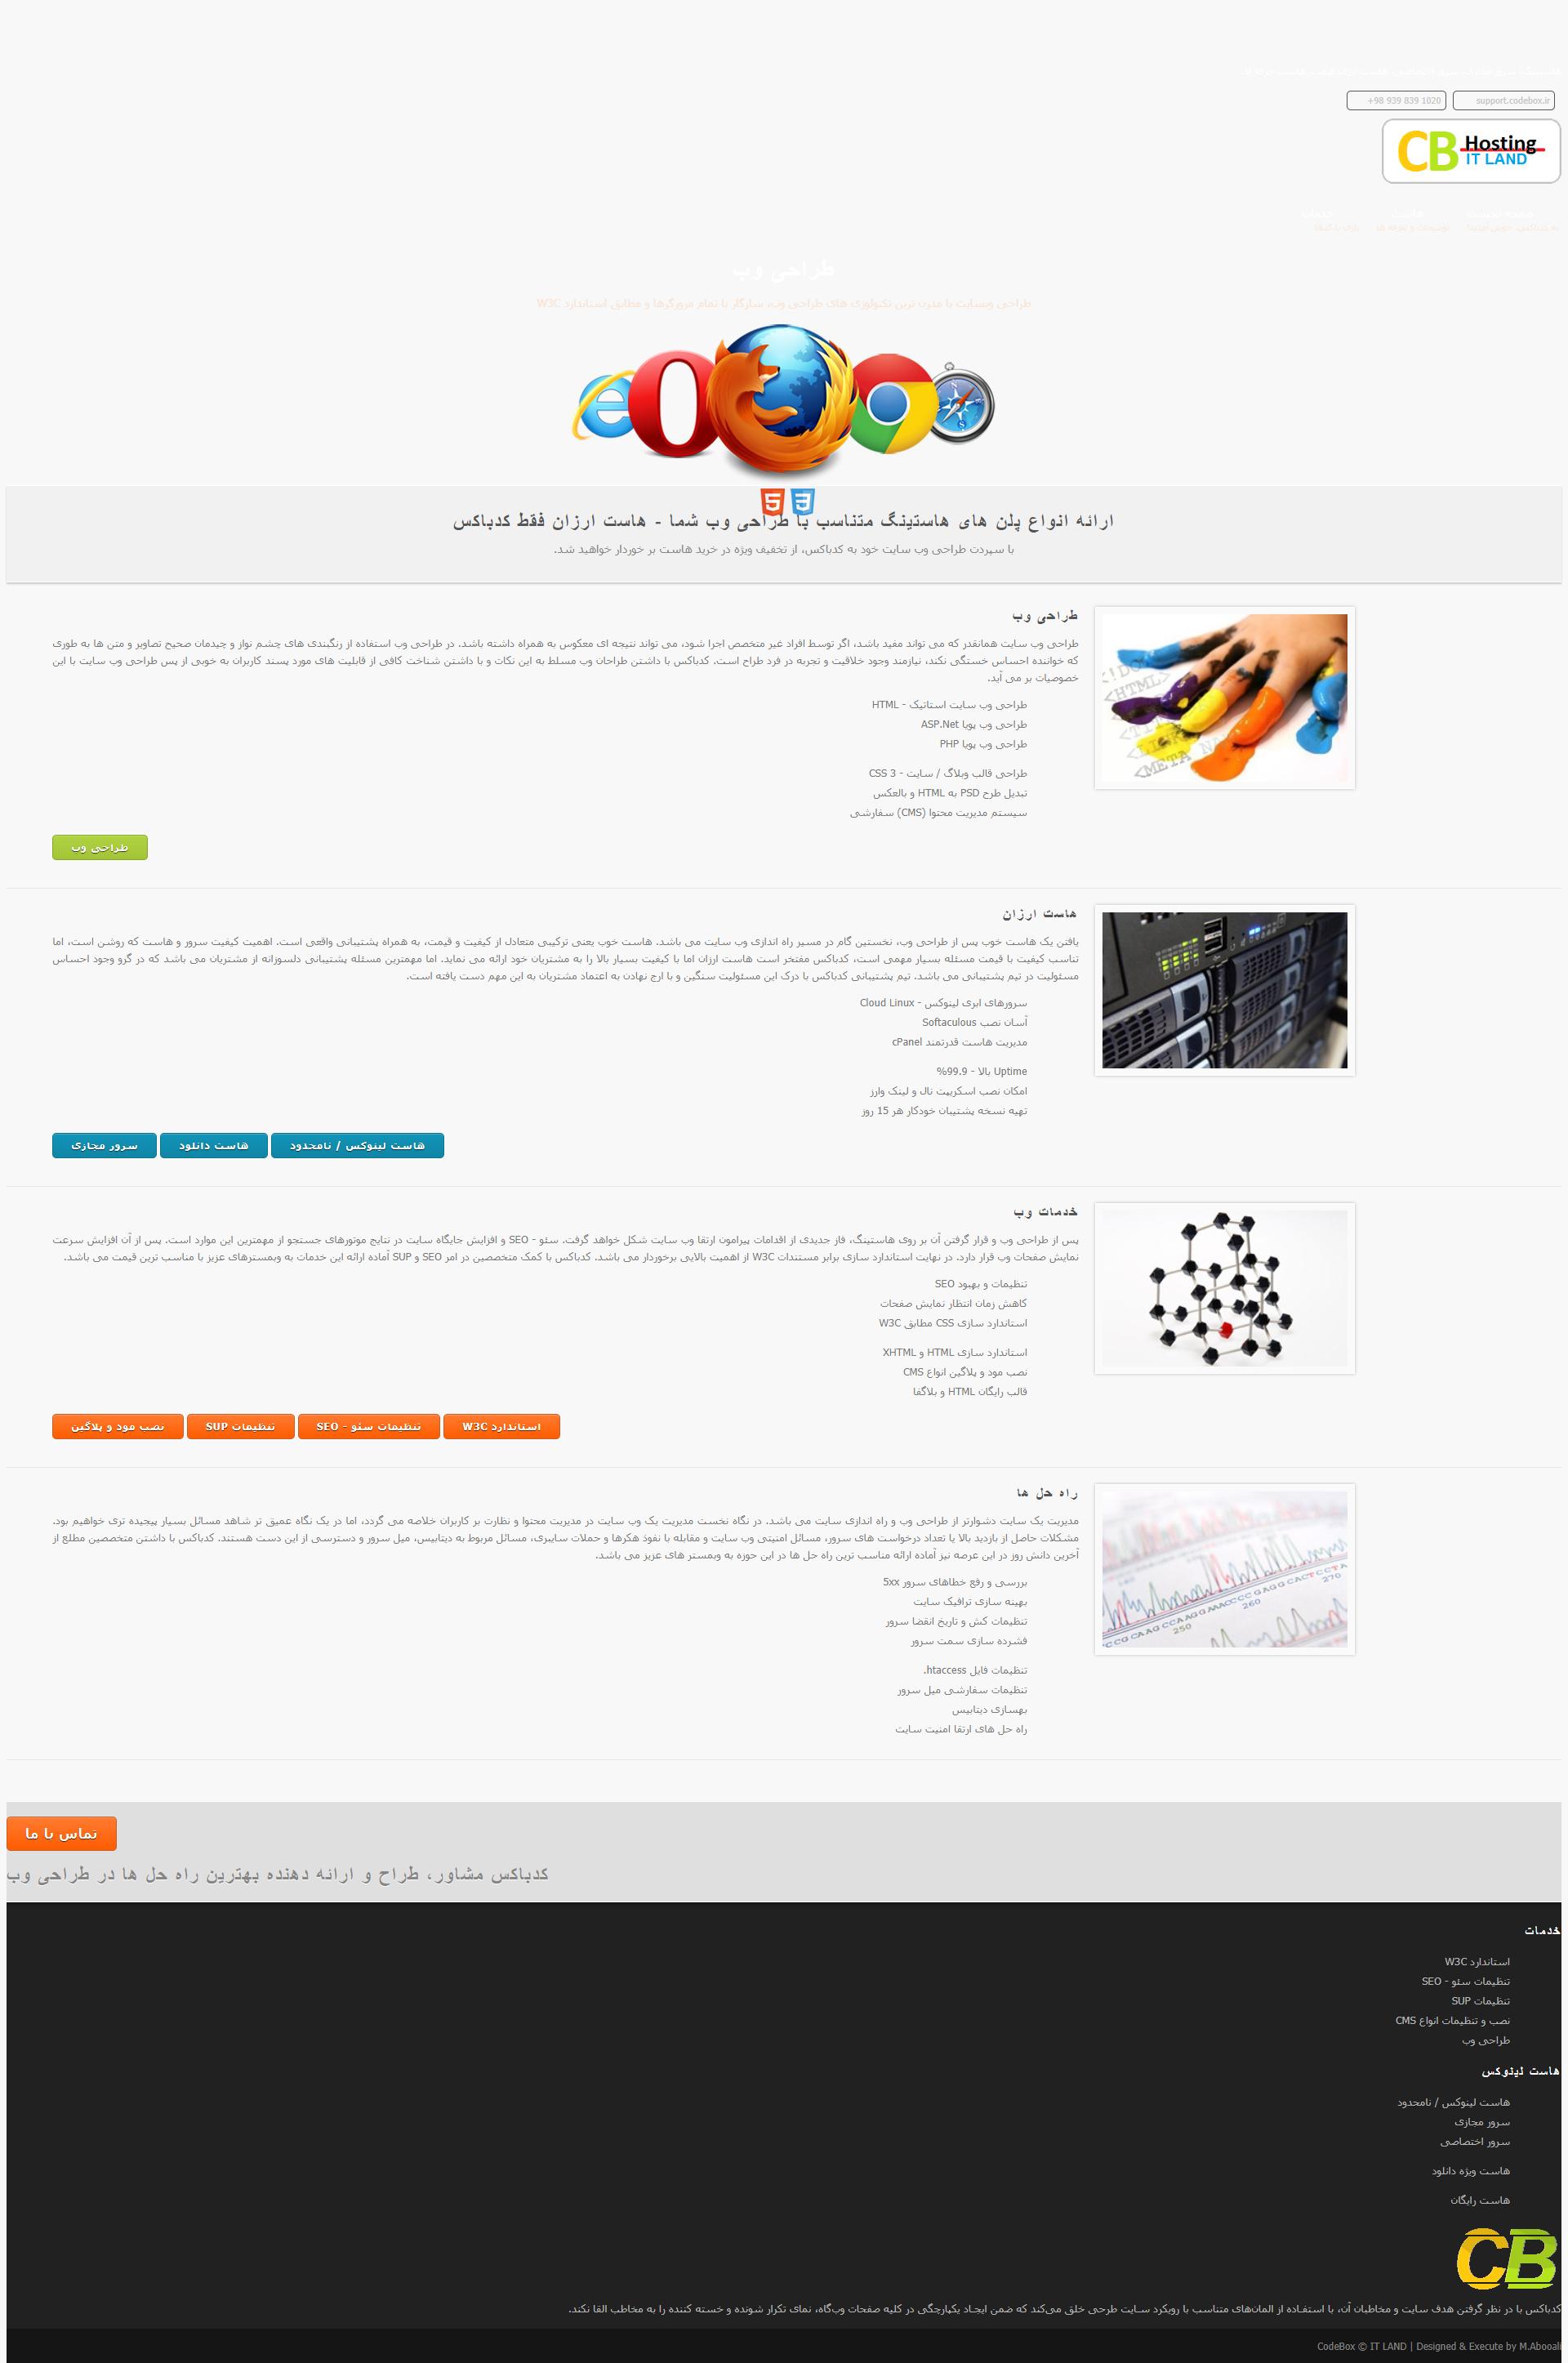 اولین قالب کدباکس - سایت استاتیک و ساده